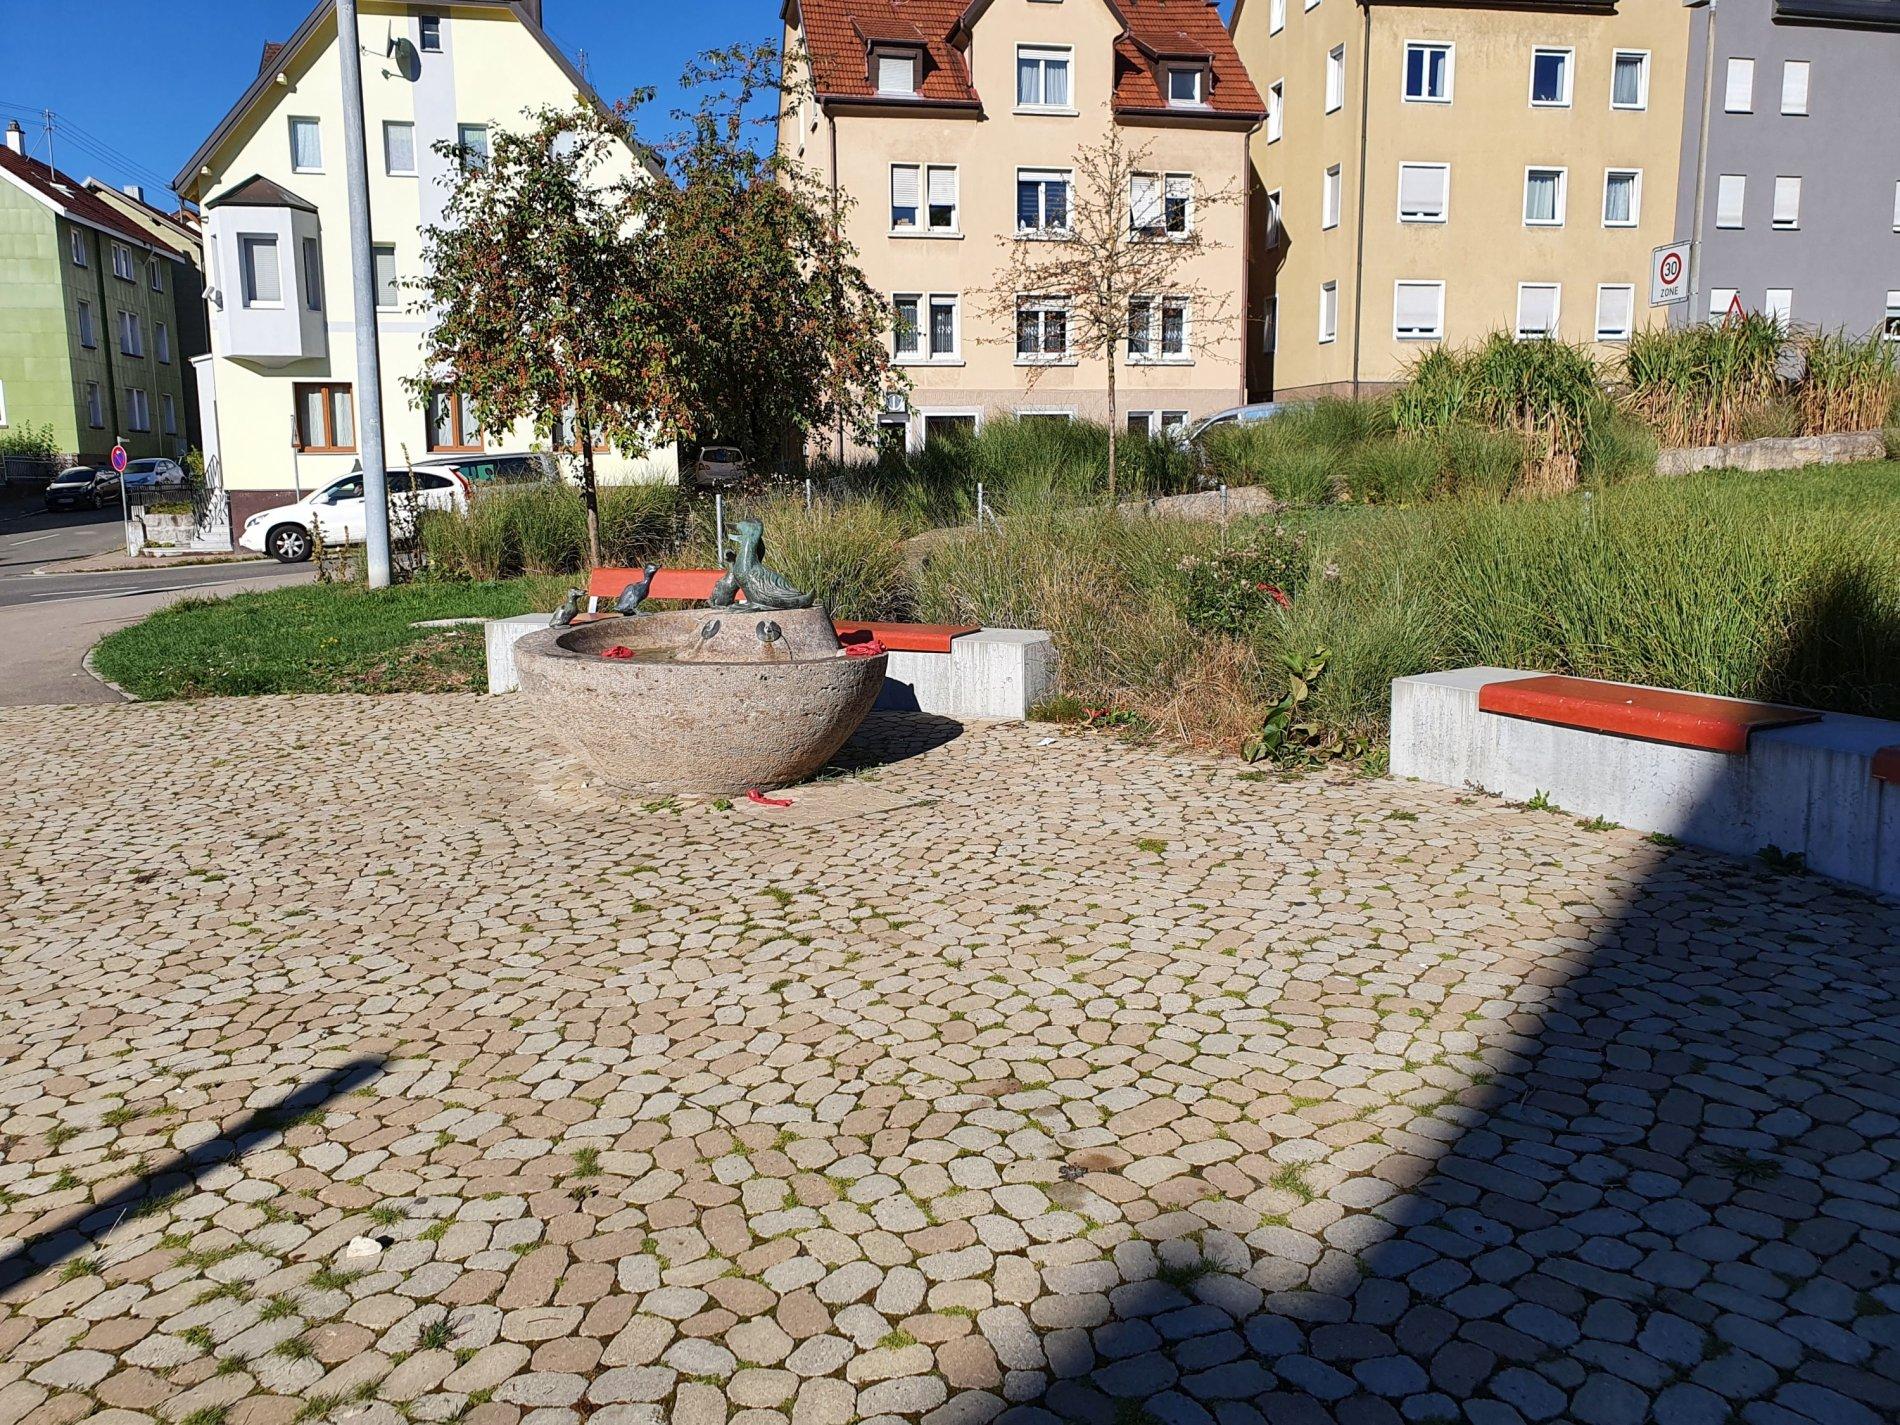 Spielplatz Entenbrünnle-Das schöne beliebte Entenbrünnle!